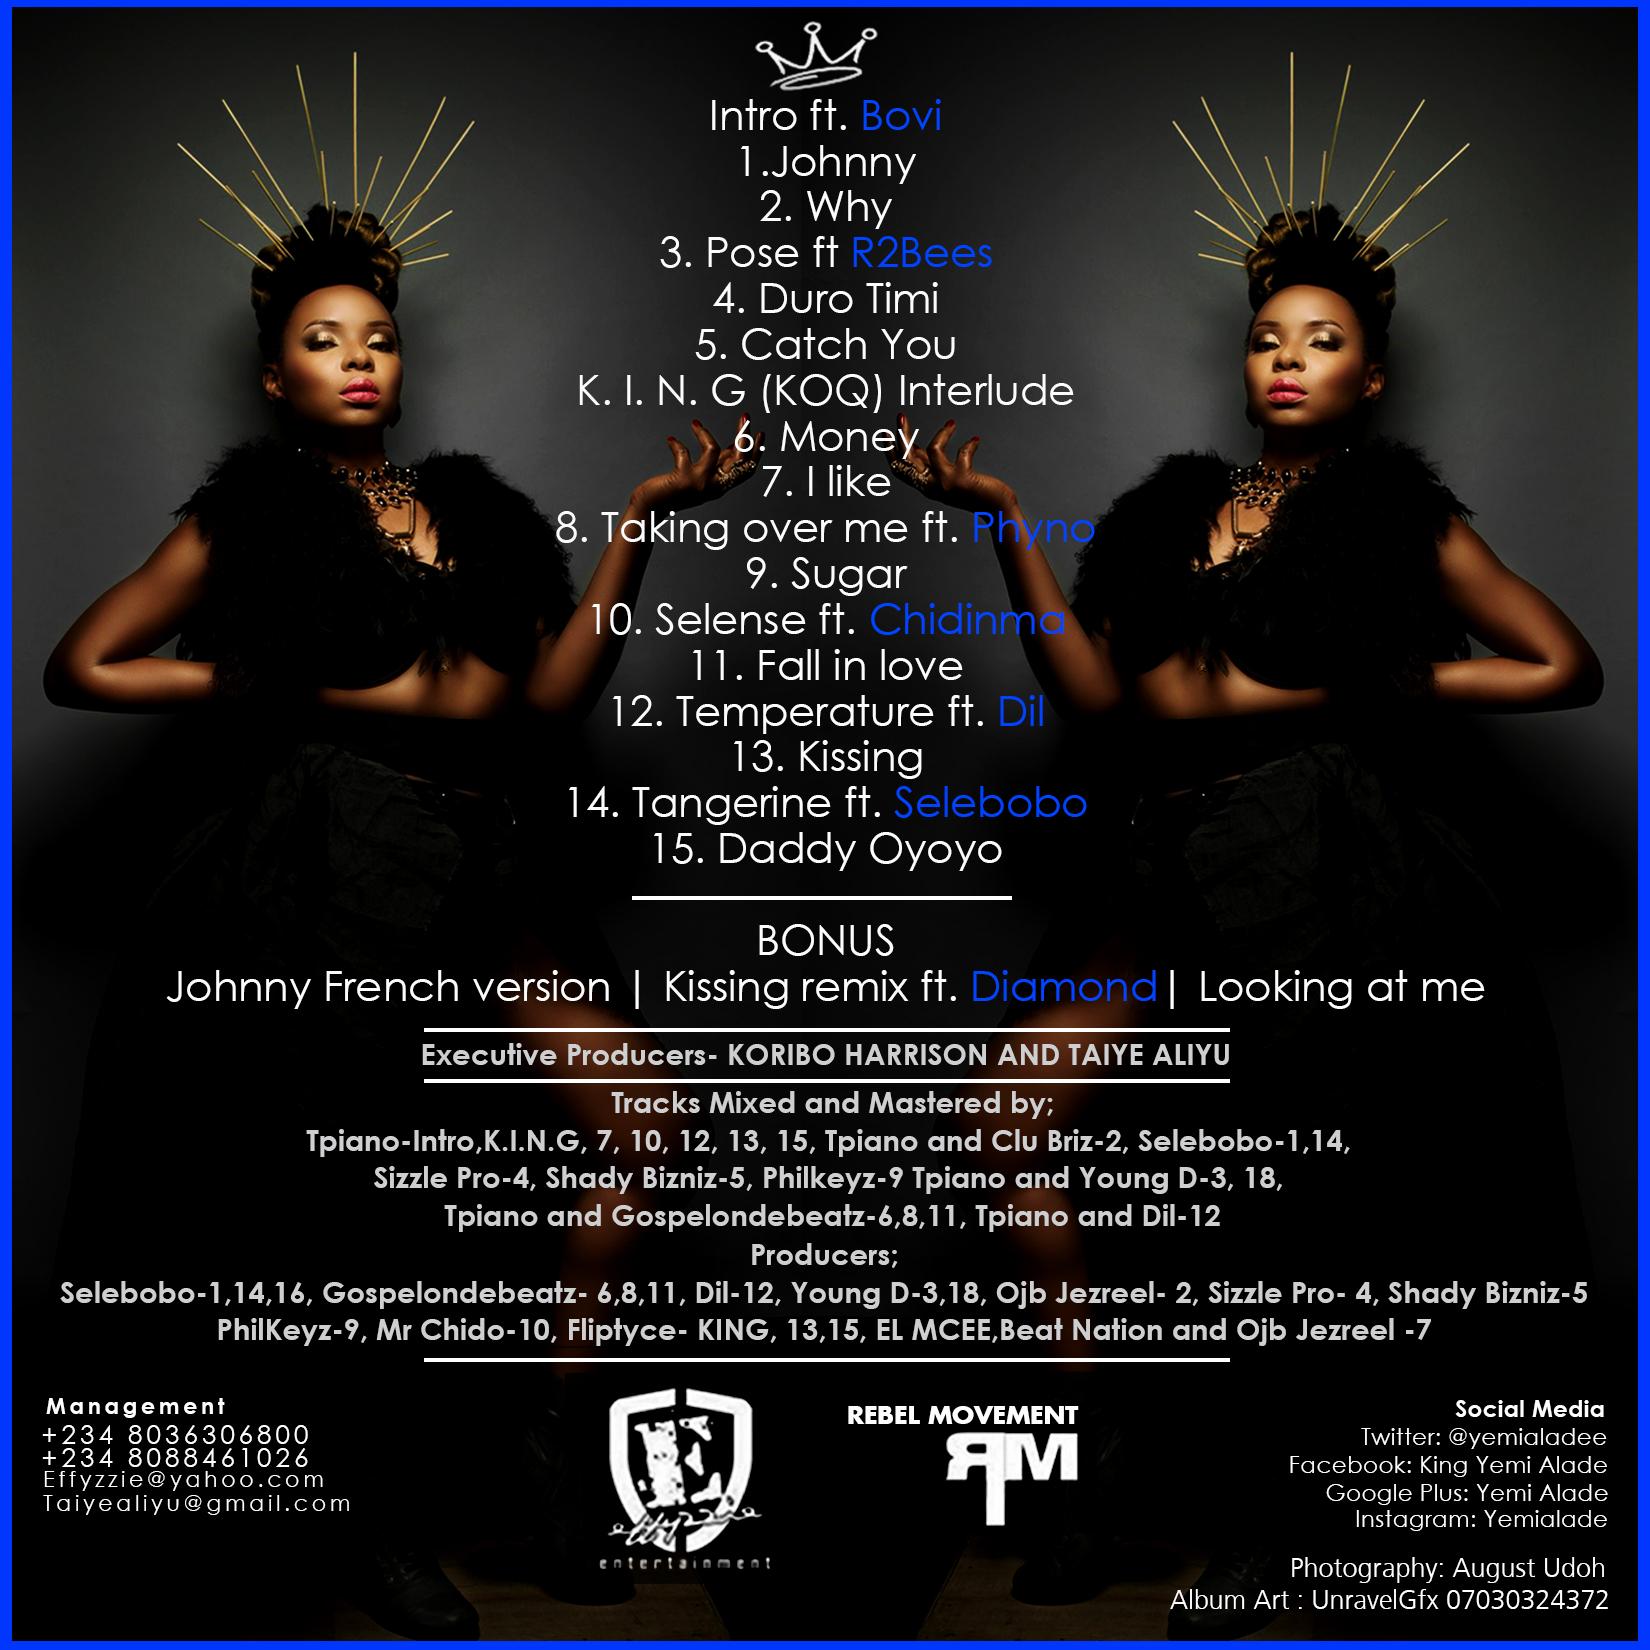 Yemi Alade - King Of Queens [Album Art Back]